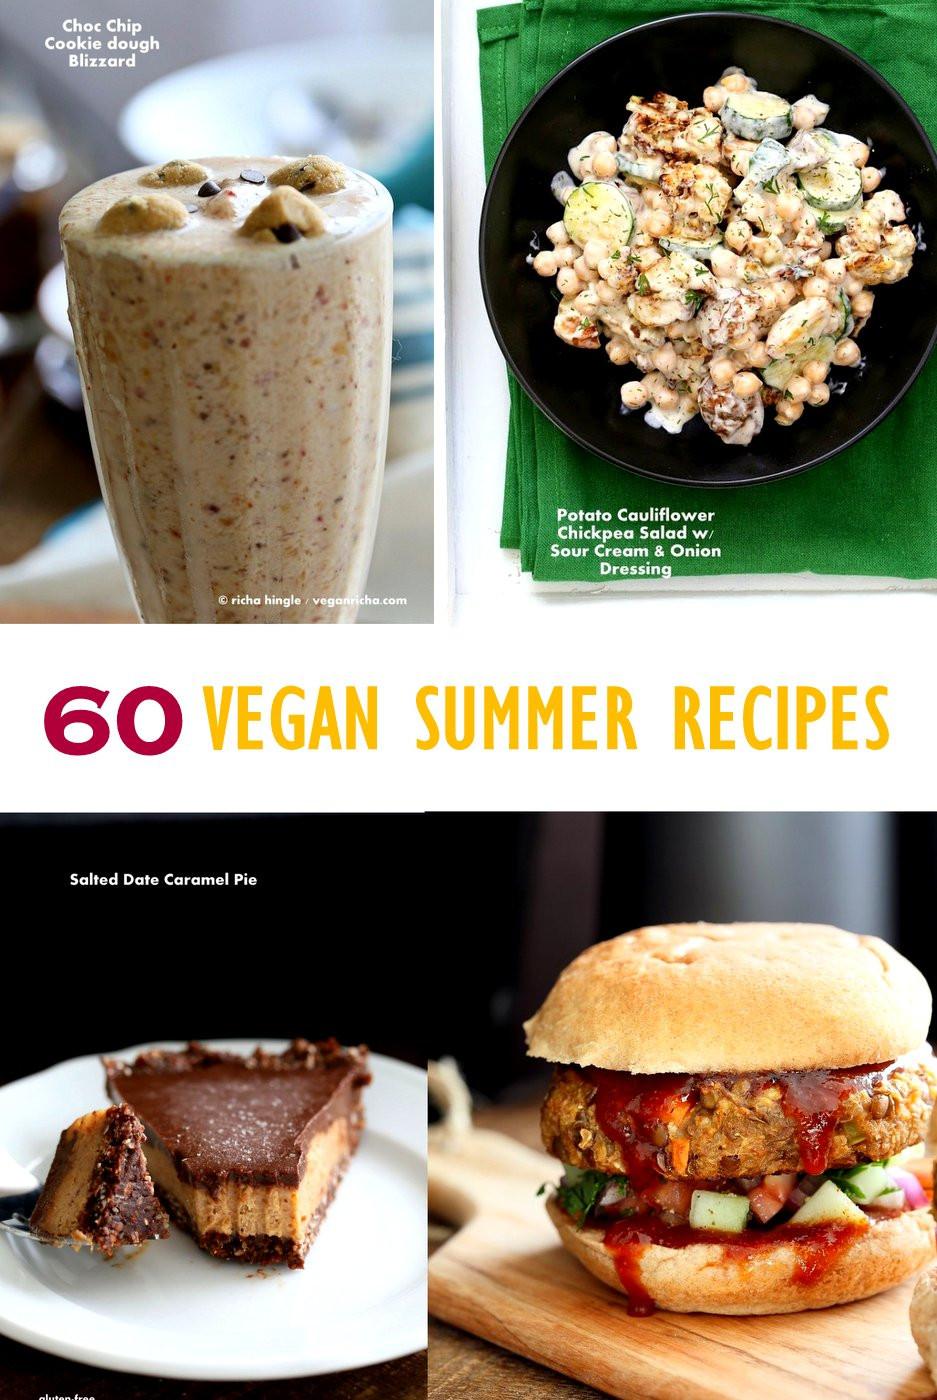 Vegan Summer Recipes  60 Vegan Summer Recipes for Barbecue Grilling Potlucks